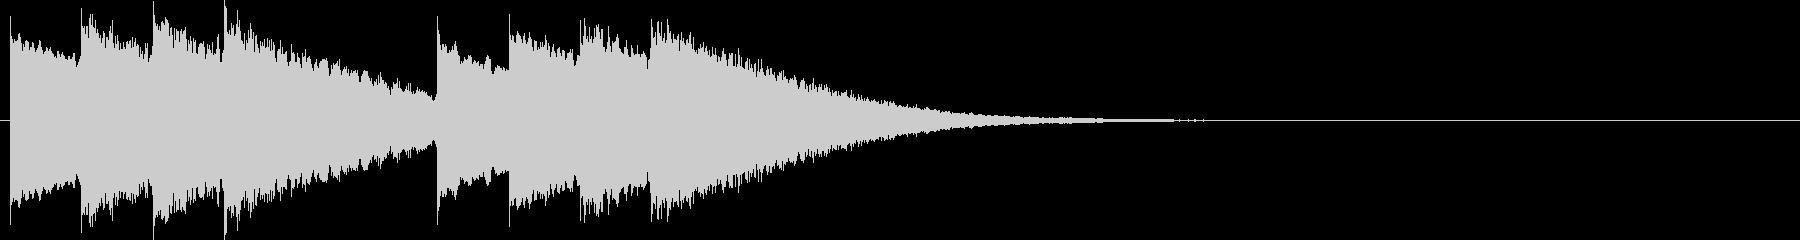 キンコン..。学校のチャイムD(短)の未再生の波形